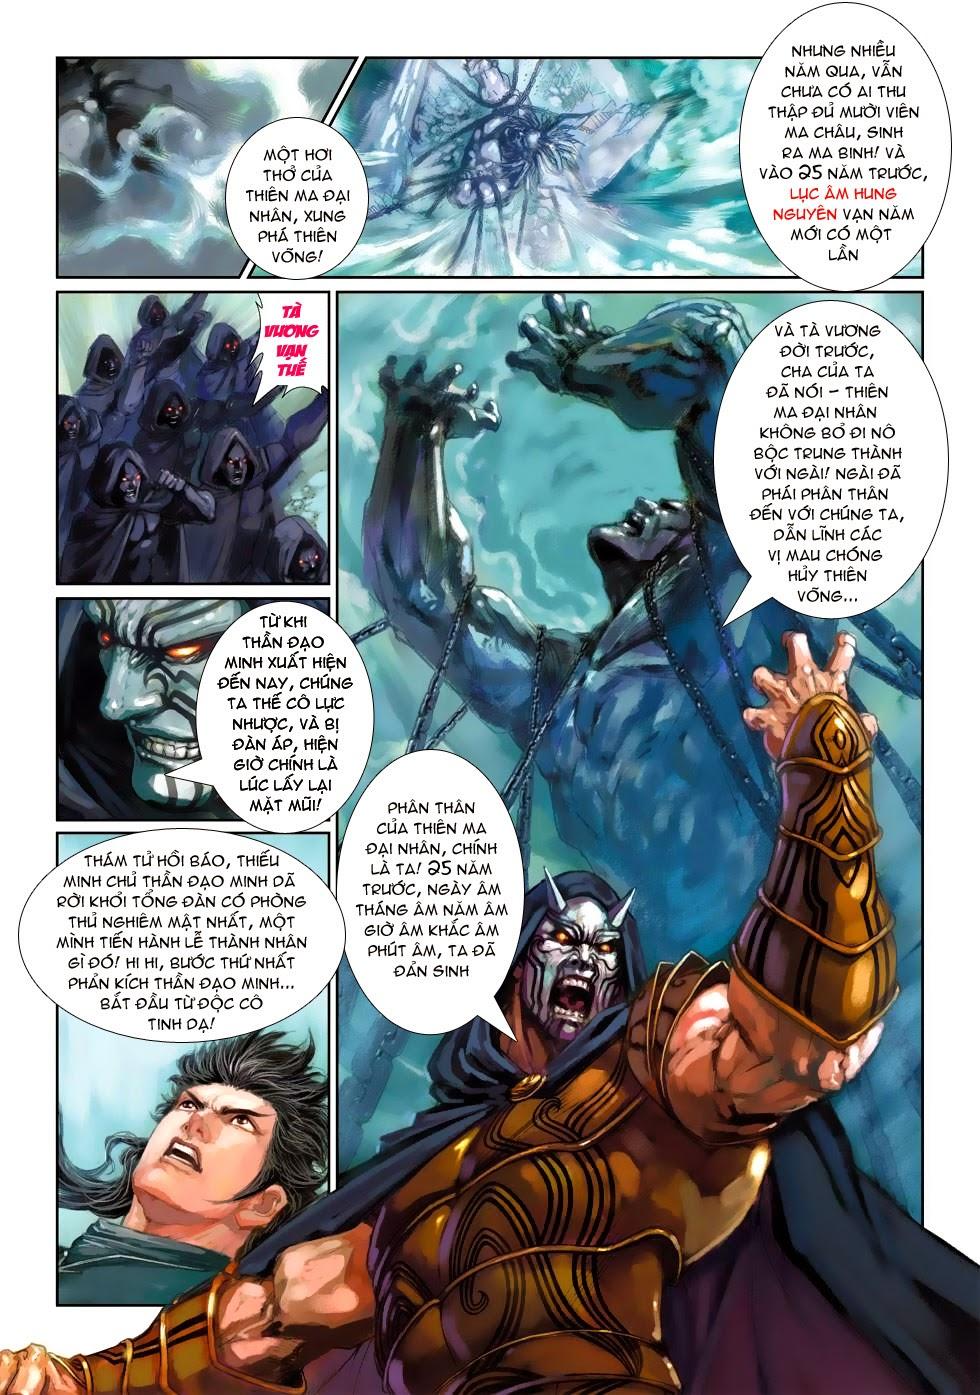 Thần Binh Tiền Truyện 4 - Huyền Thiên Tà Đế chap 3 - Trang 9